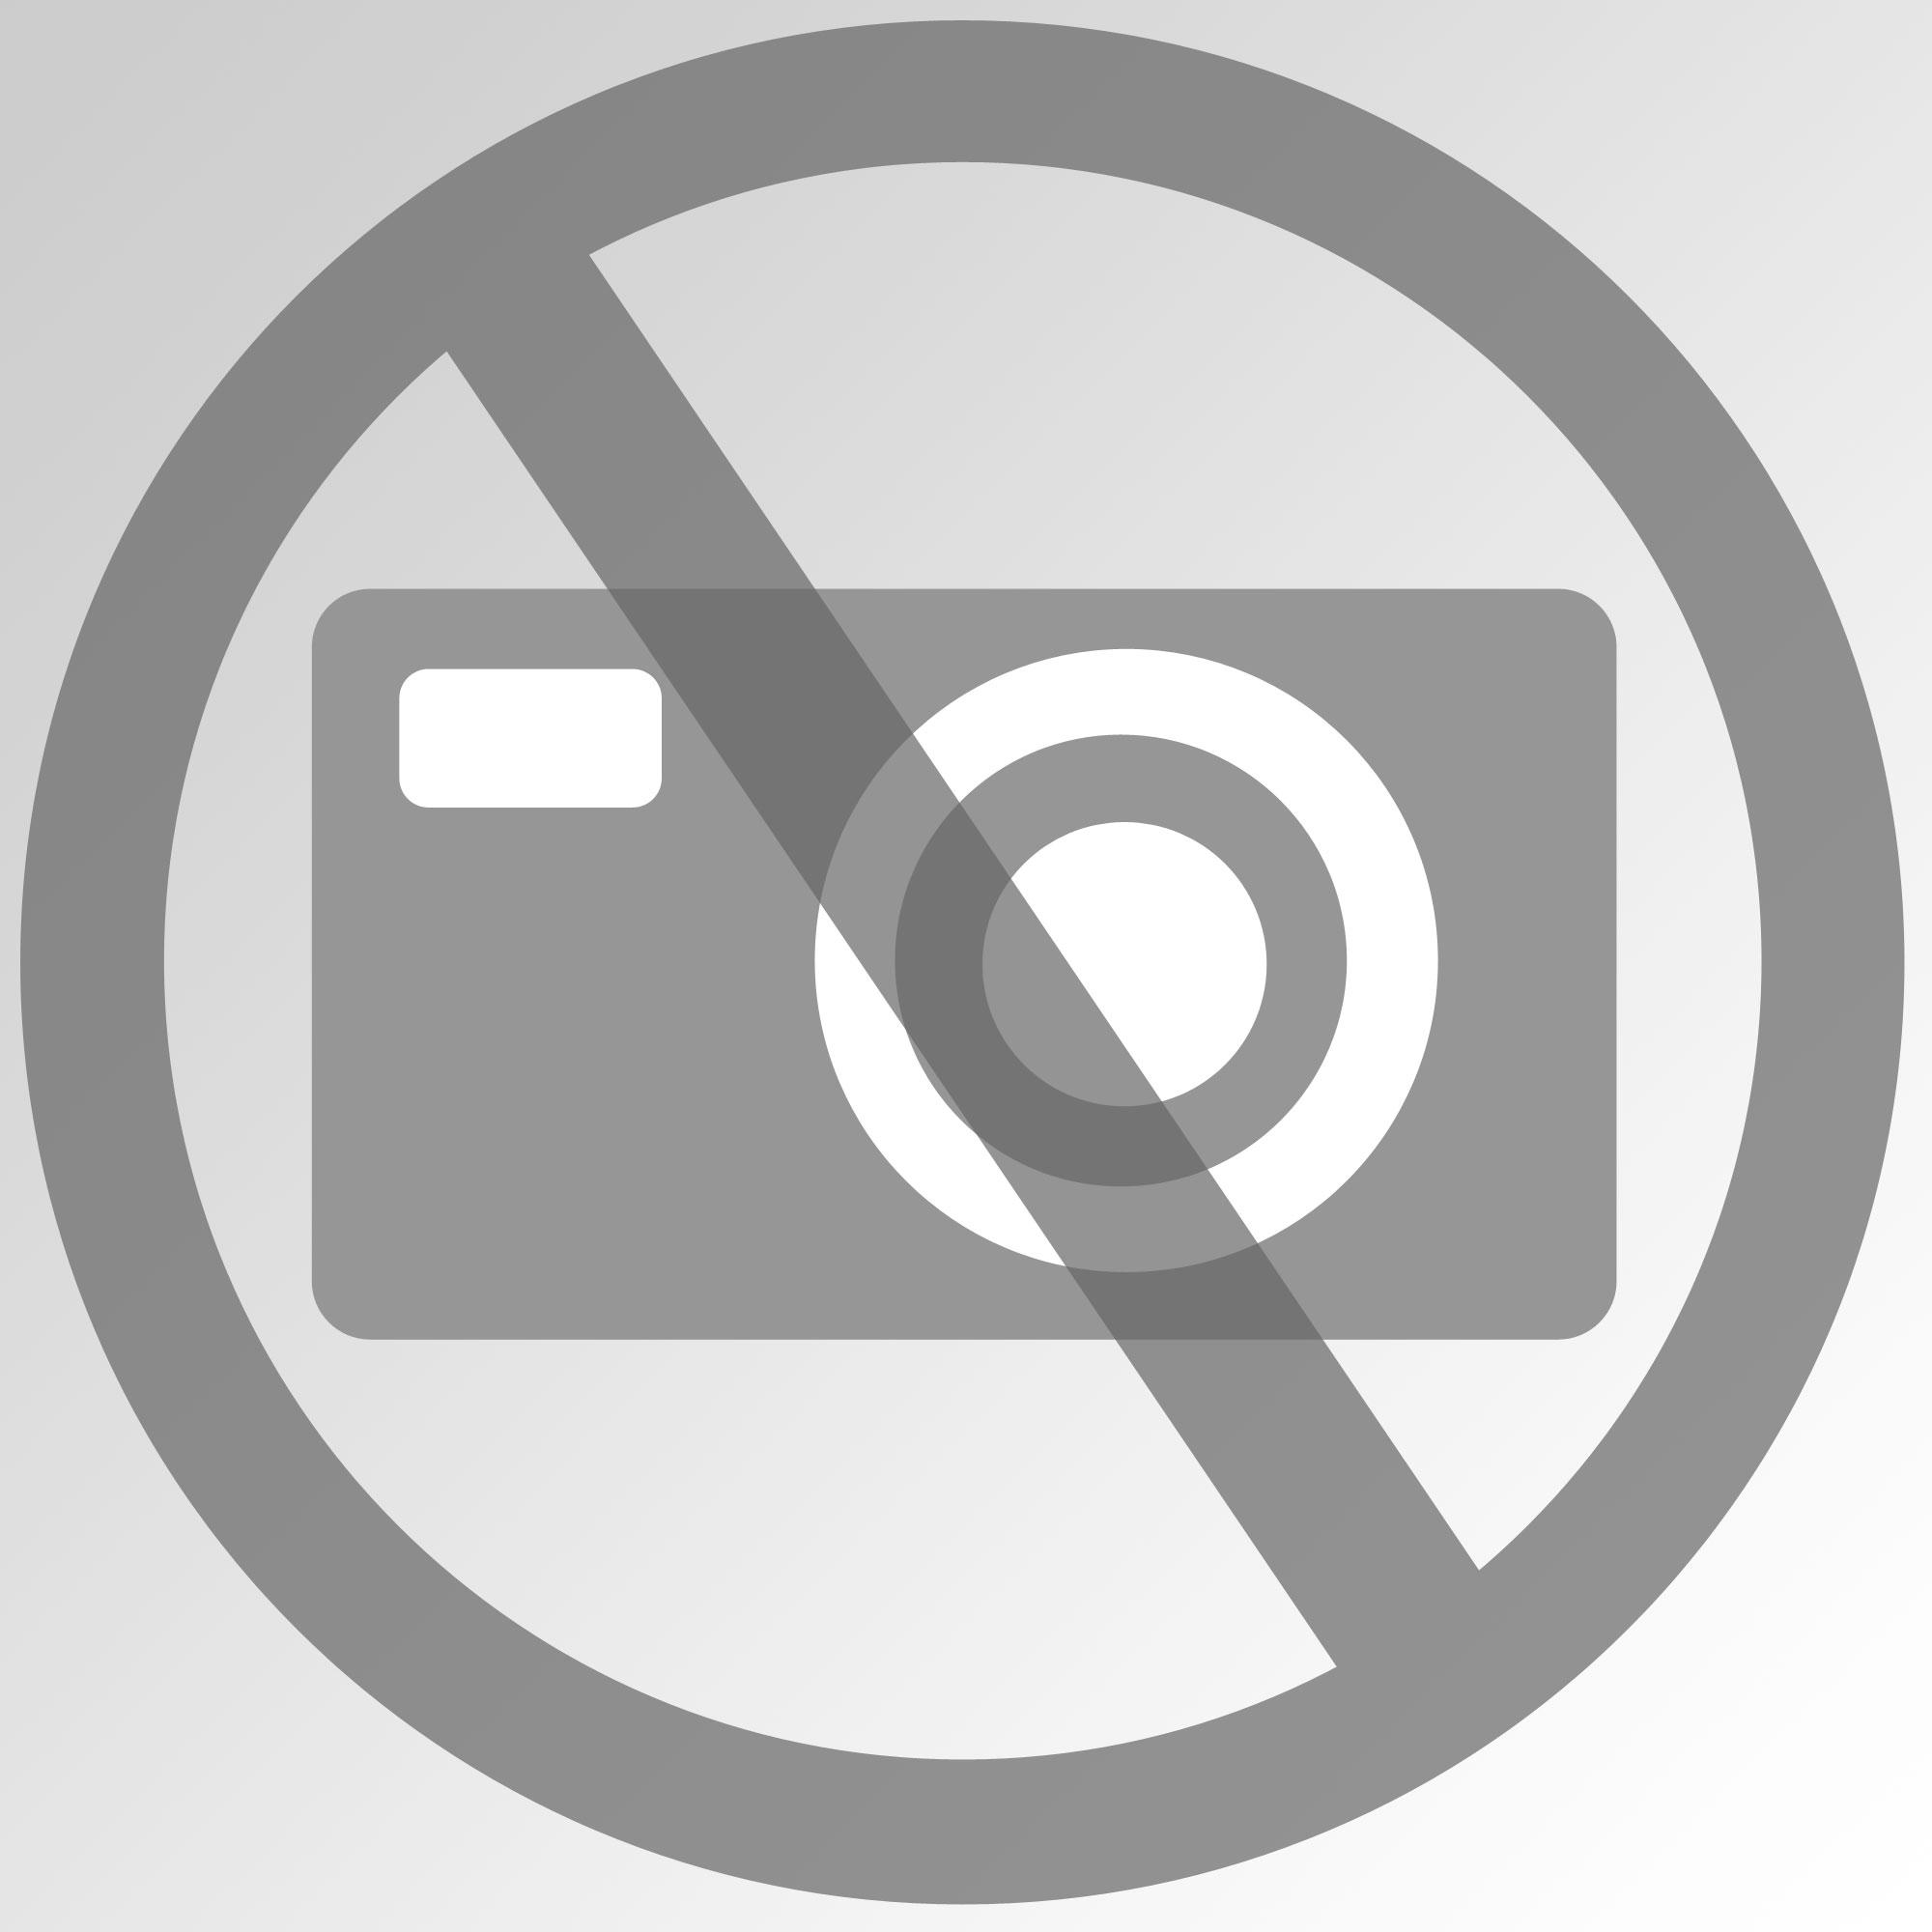 Vlies-Scheuertuch, 60 x 70 cm